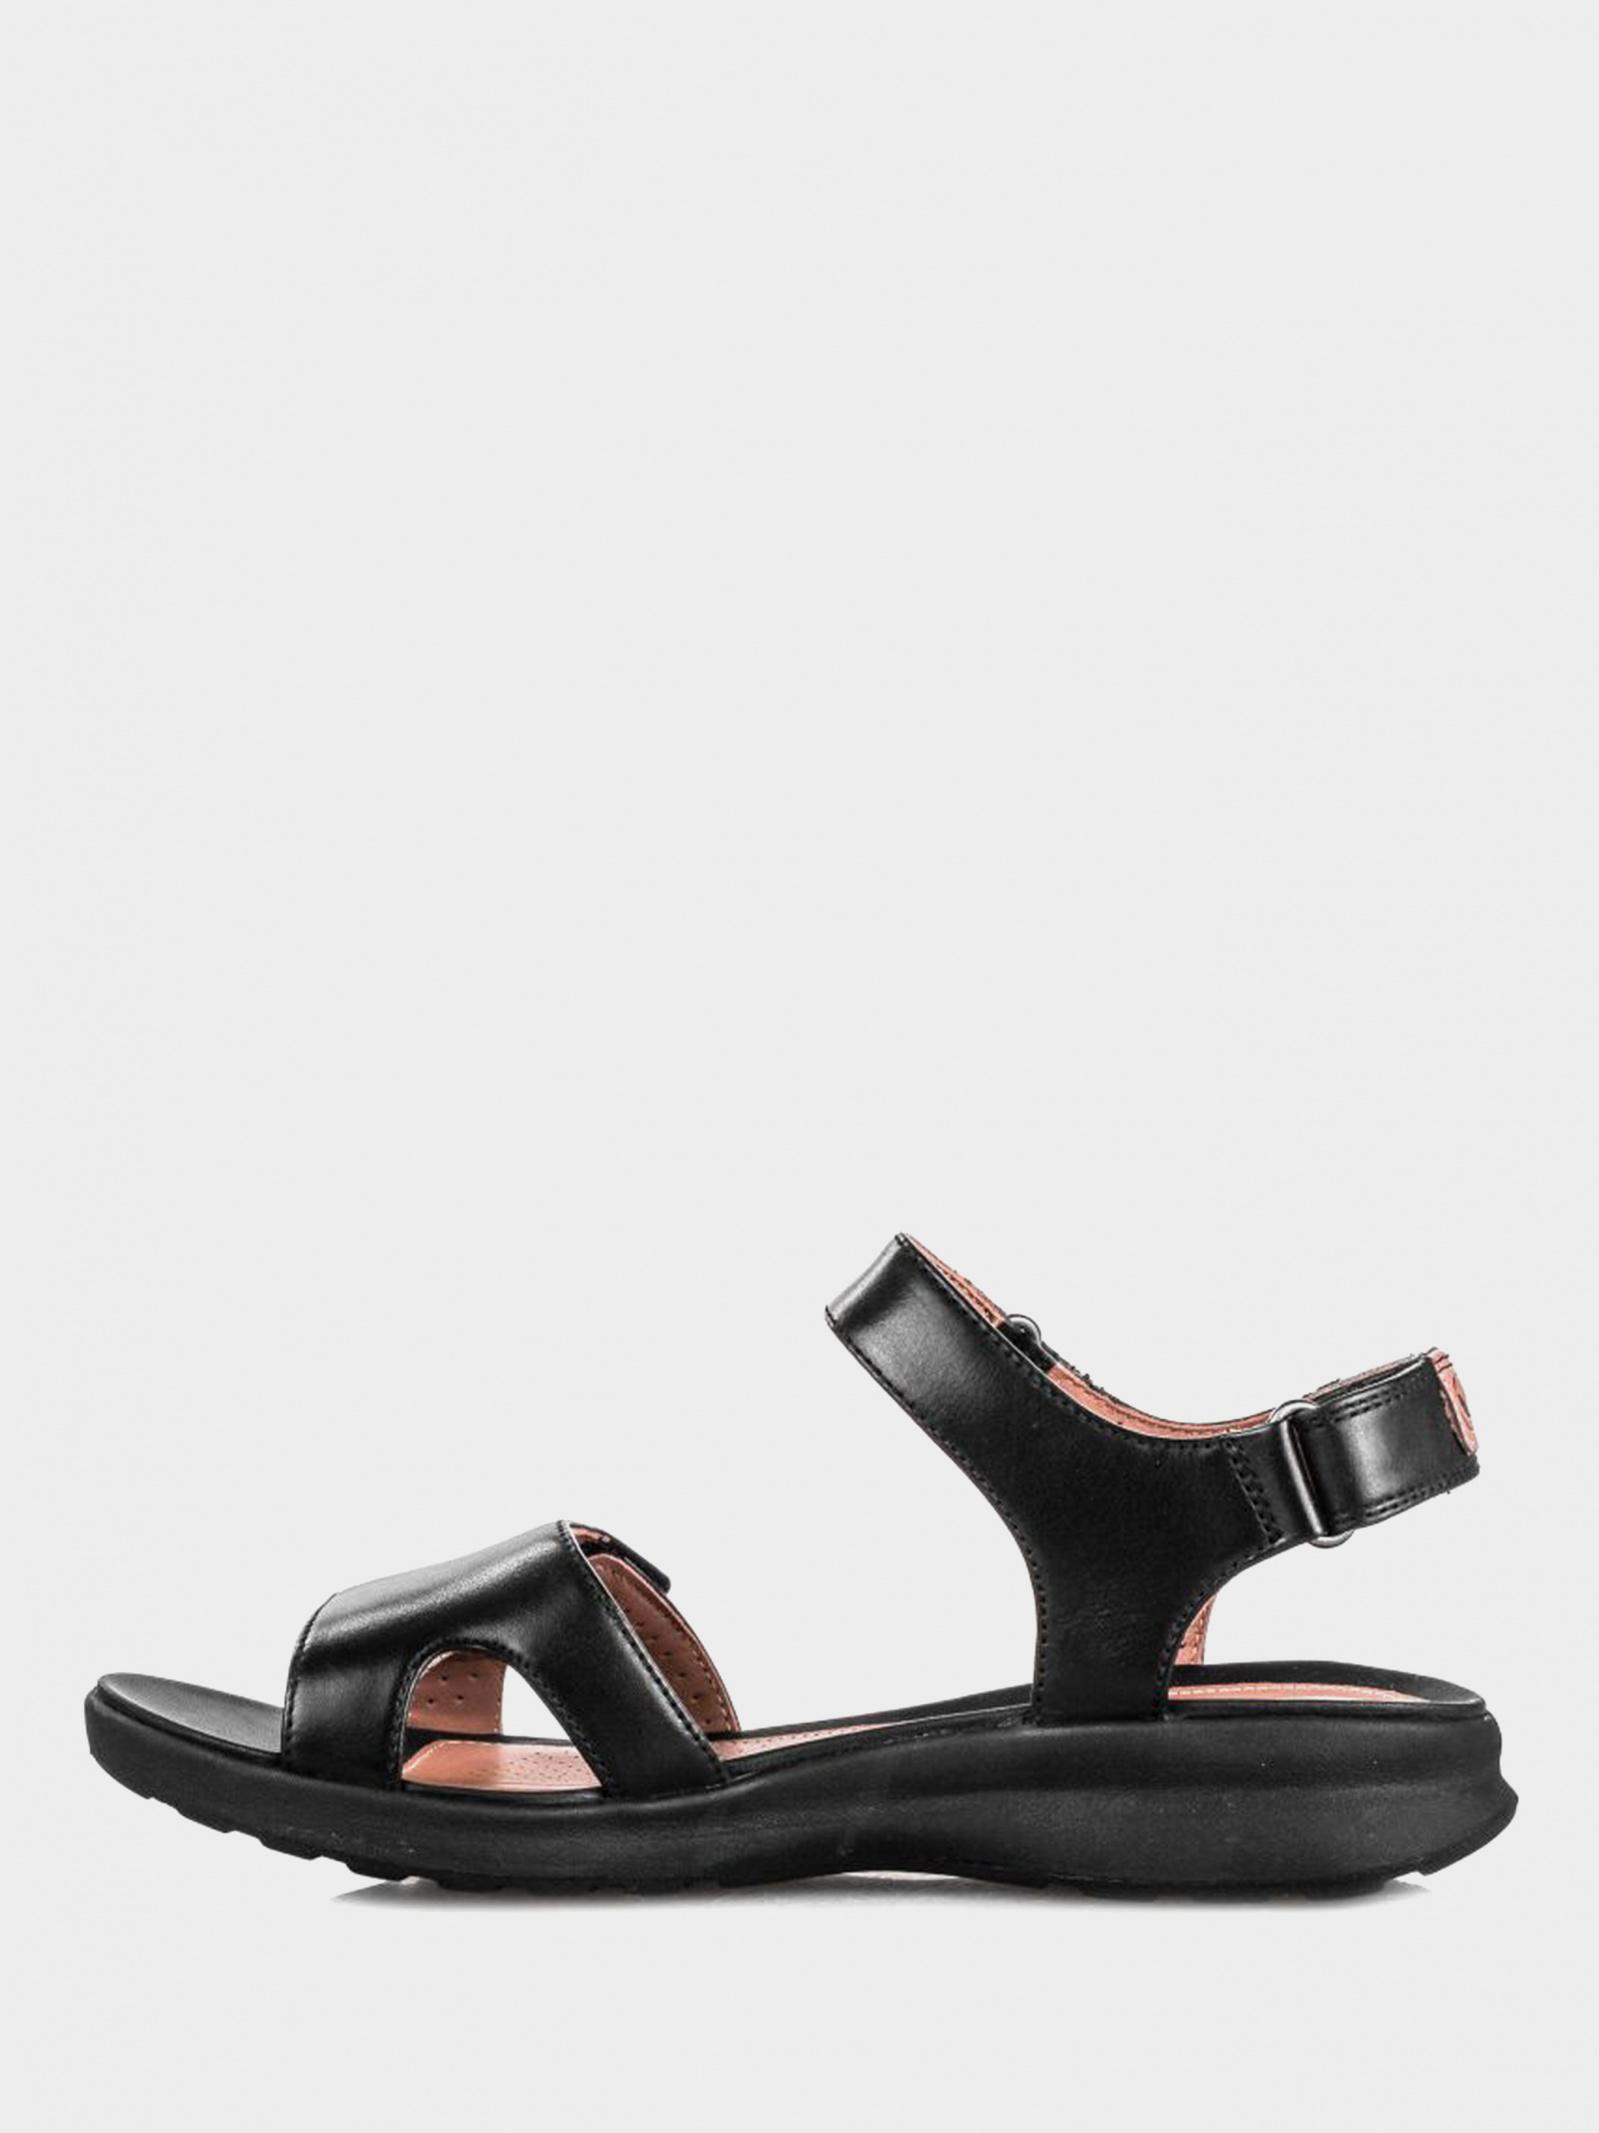 Босоніжки  для жінок Clarks Un Adorn Calm 2614-1712 ціна взуття, 2017